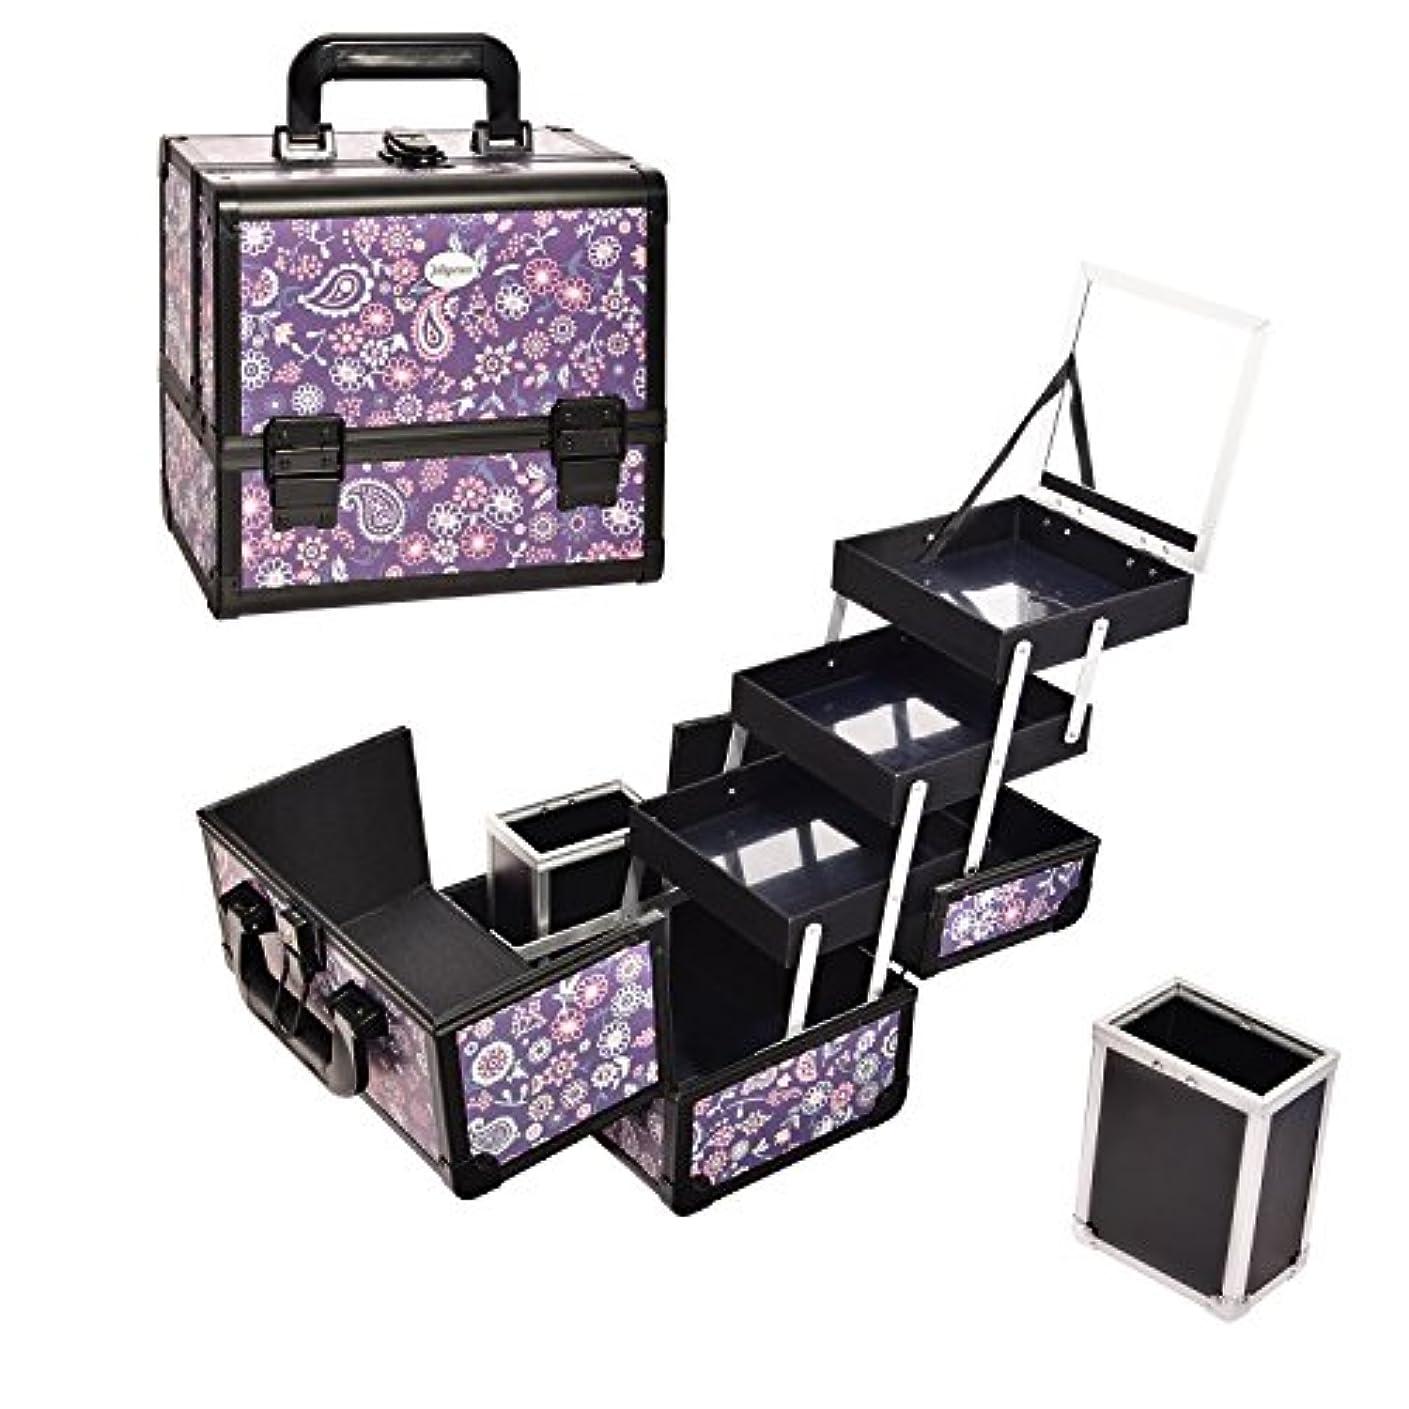 息子避難する違反メイクアップボックスミラーとブラシホルダー 化粧品ケース ジュエリーオーガナイザー キーによる軽量のロック可能(紫の花)